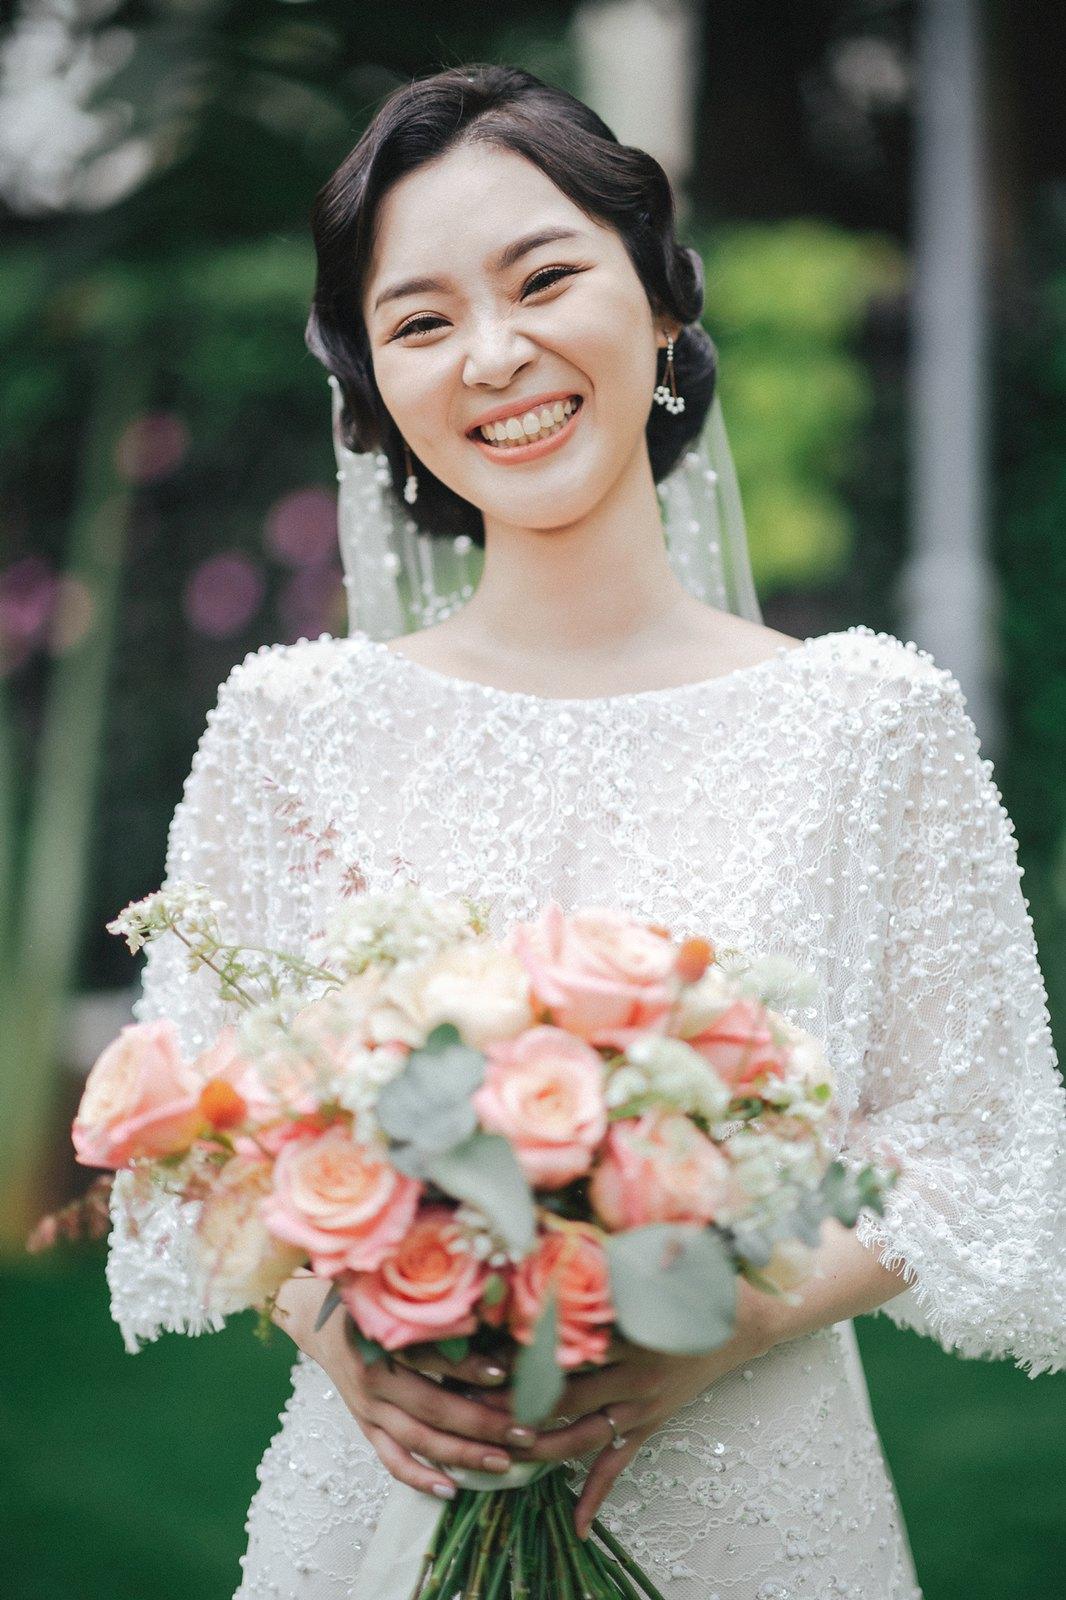 【婚攝】Tang & Zhi / 孫立人將軍官邸(陸軍聯誼廳)